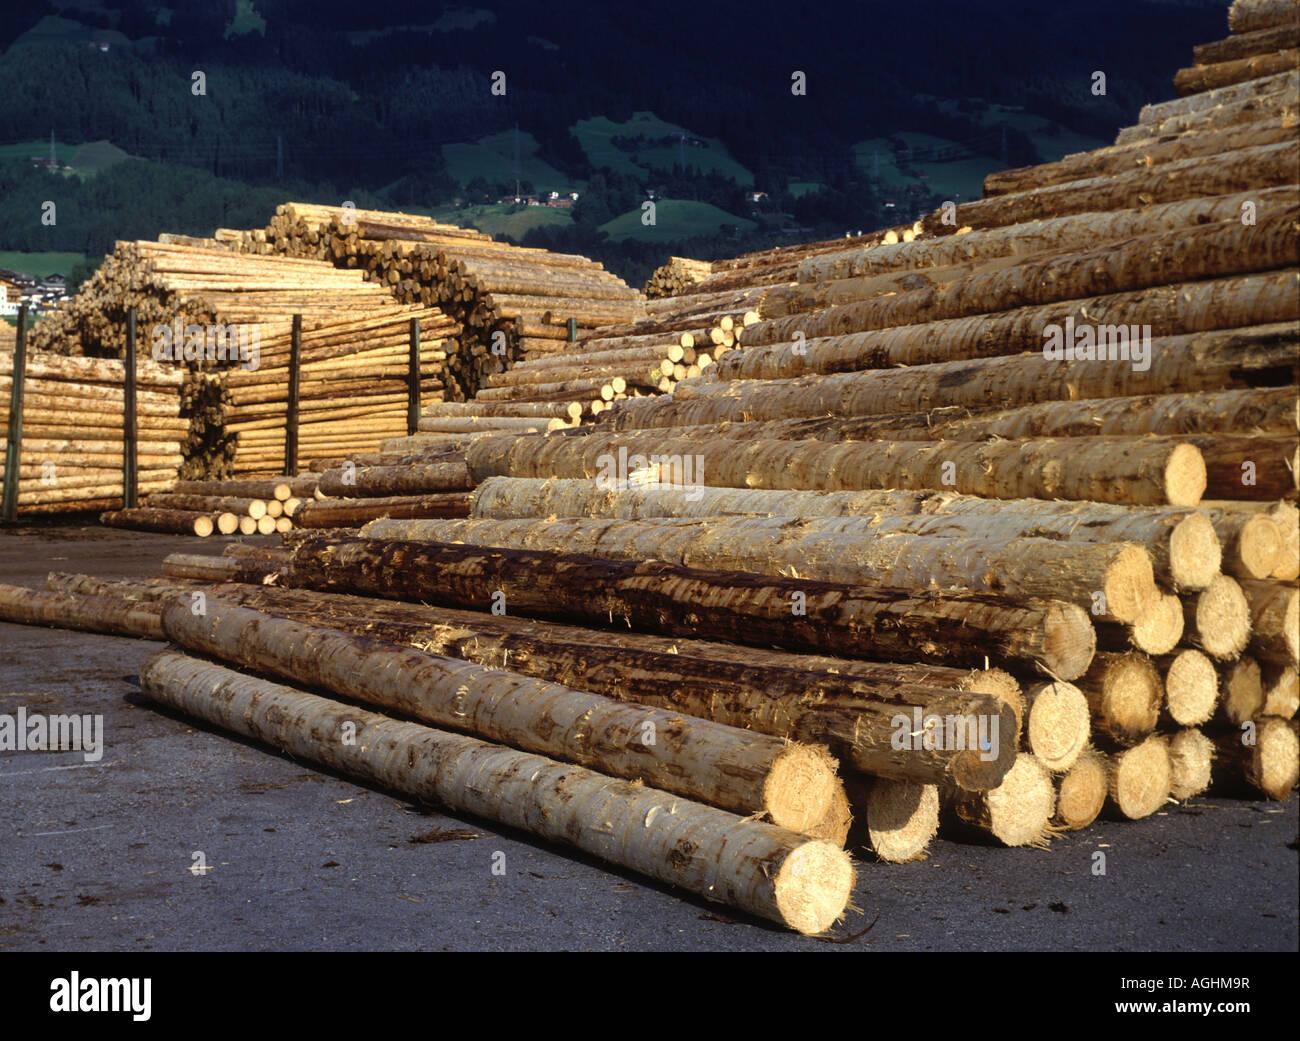 Baumstaemme liegen am Holzlagerplatz eines Saegewerks stack of wood at a saw mill in Austria Stock Photo